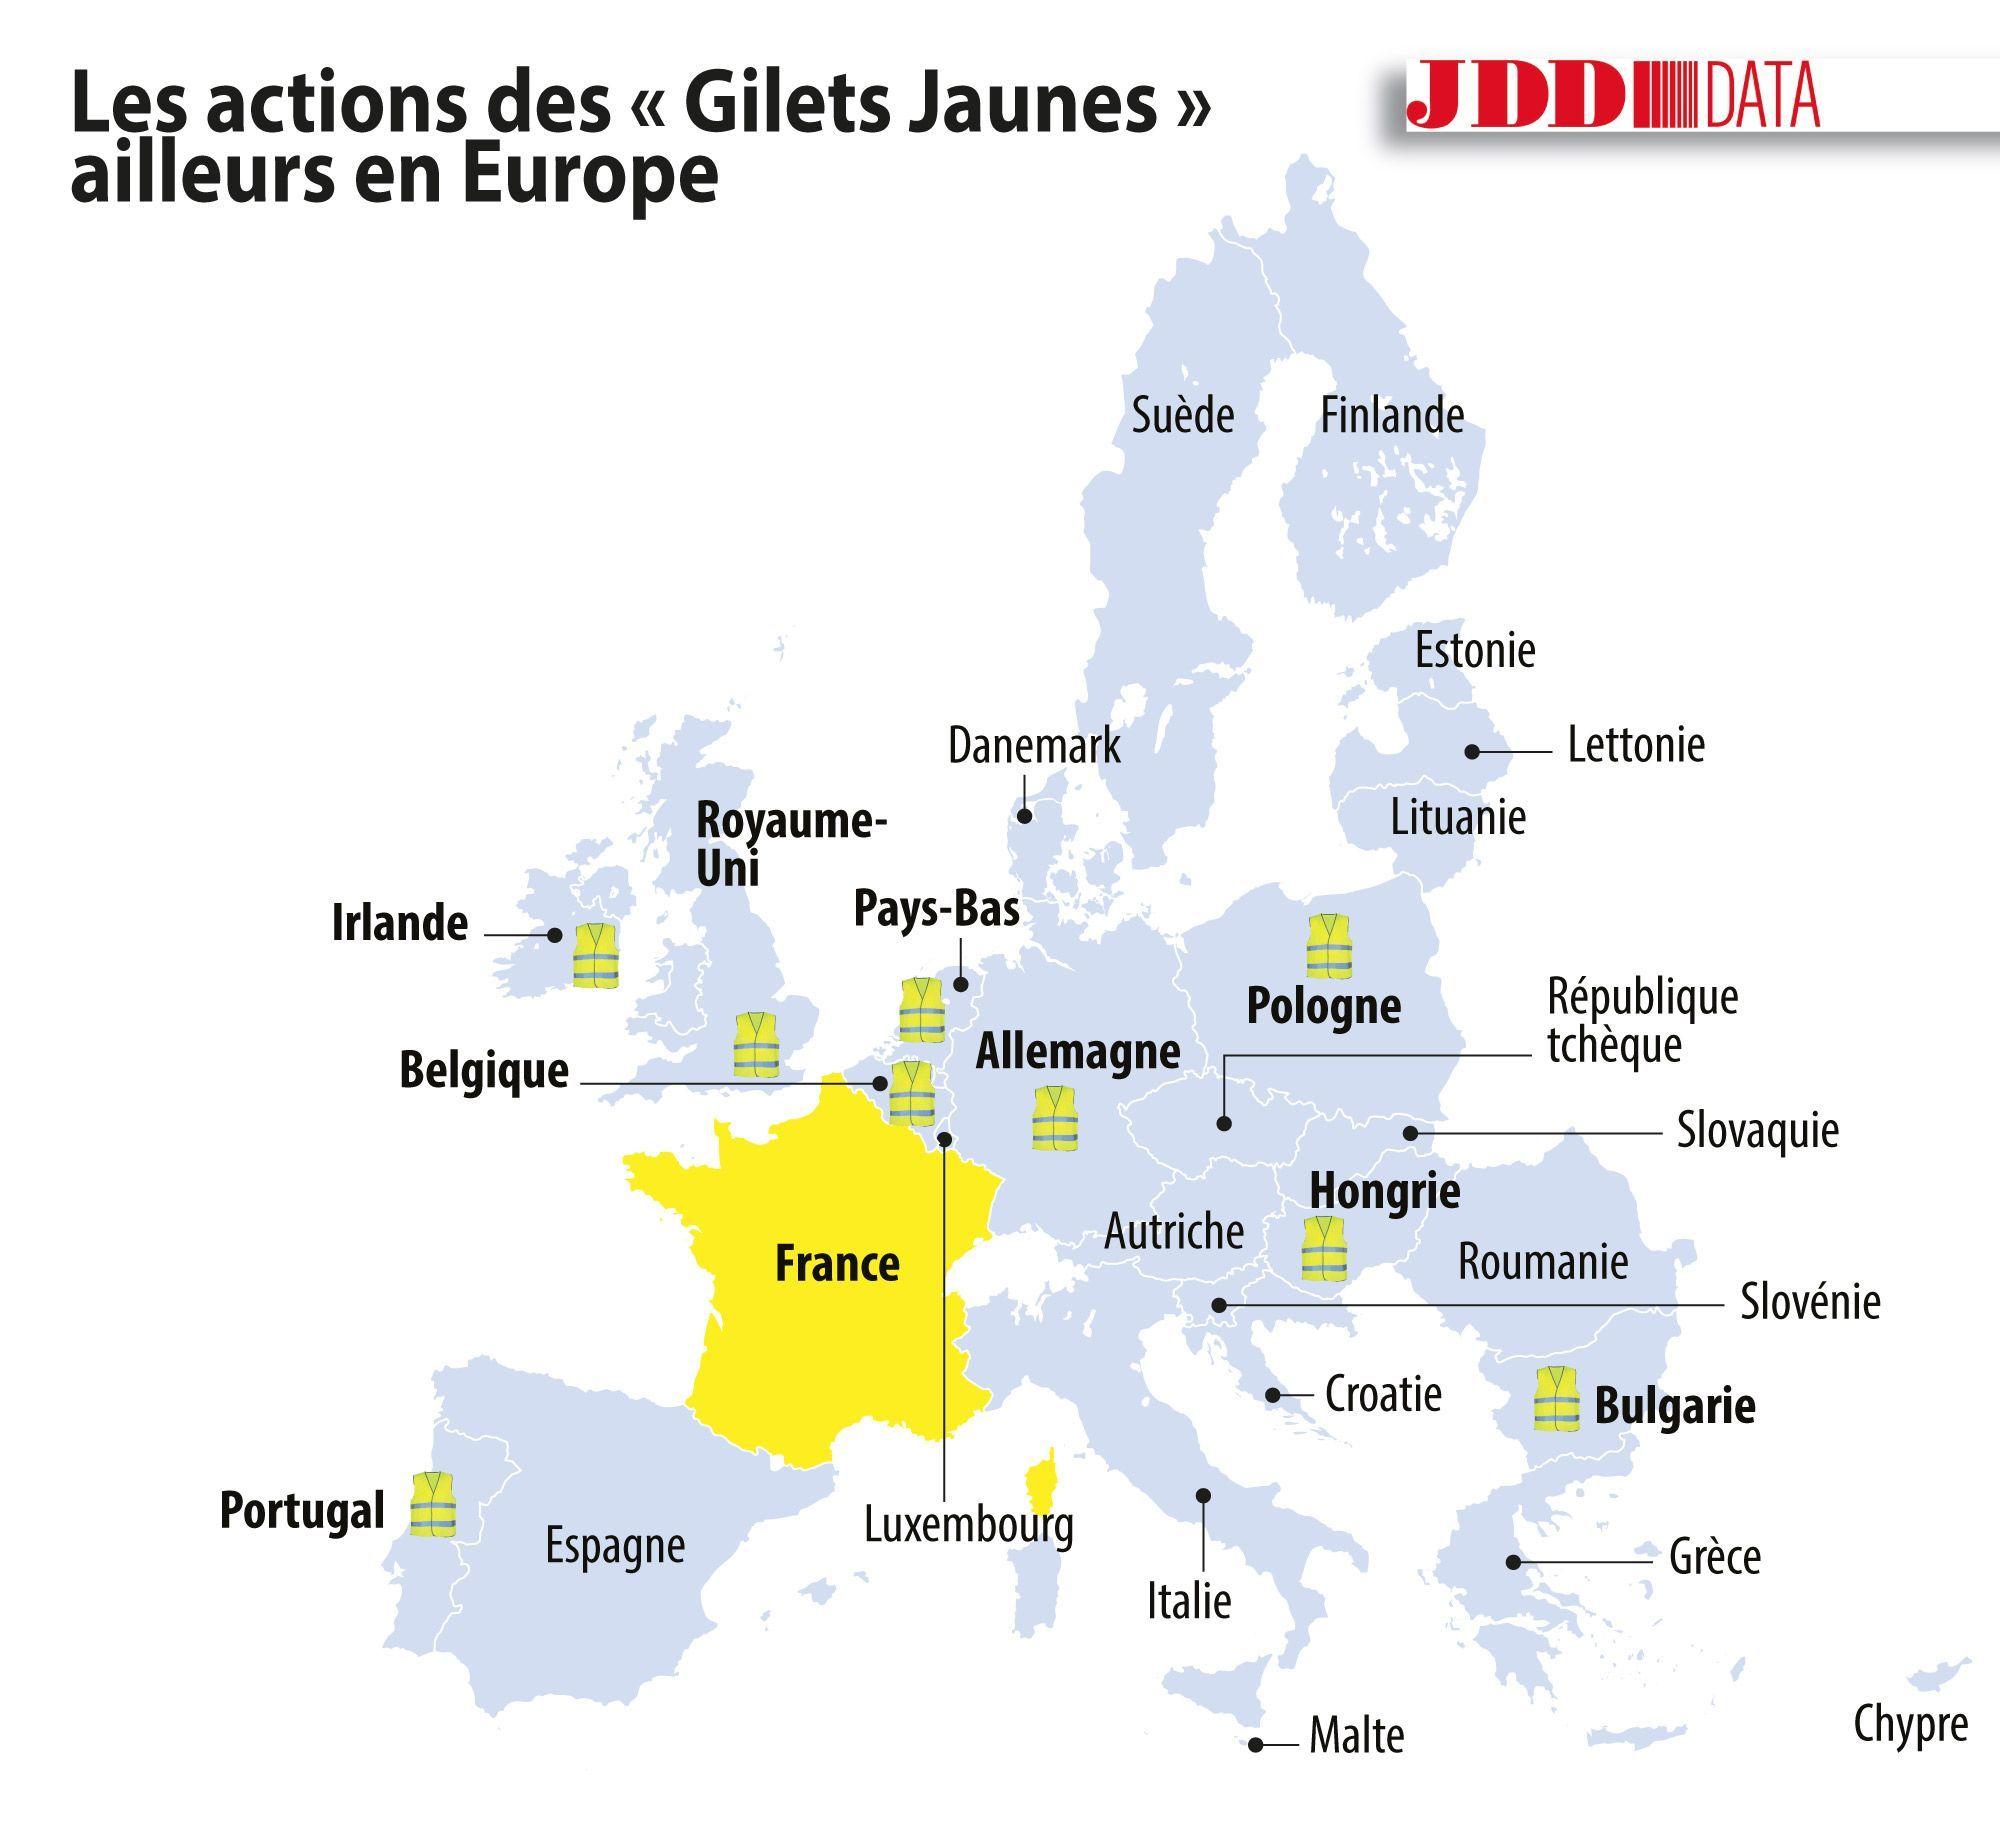 """Les actions de """"Gilets jaunes"""" en Europe"""